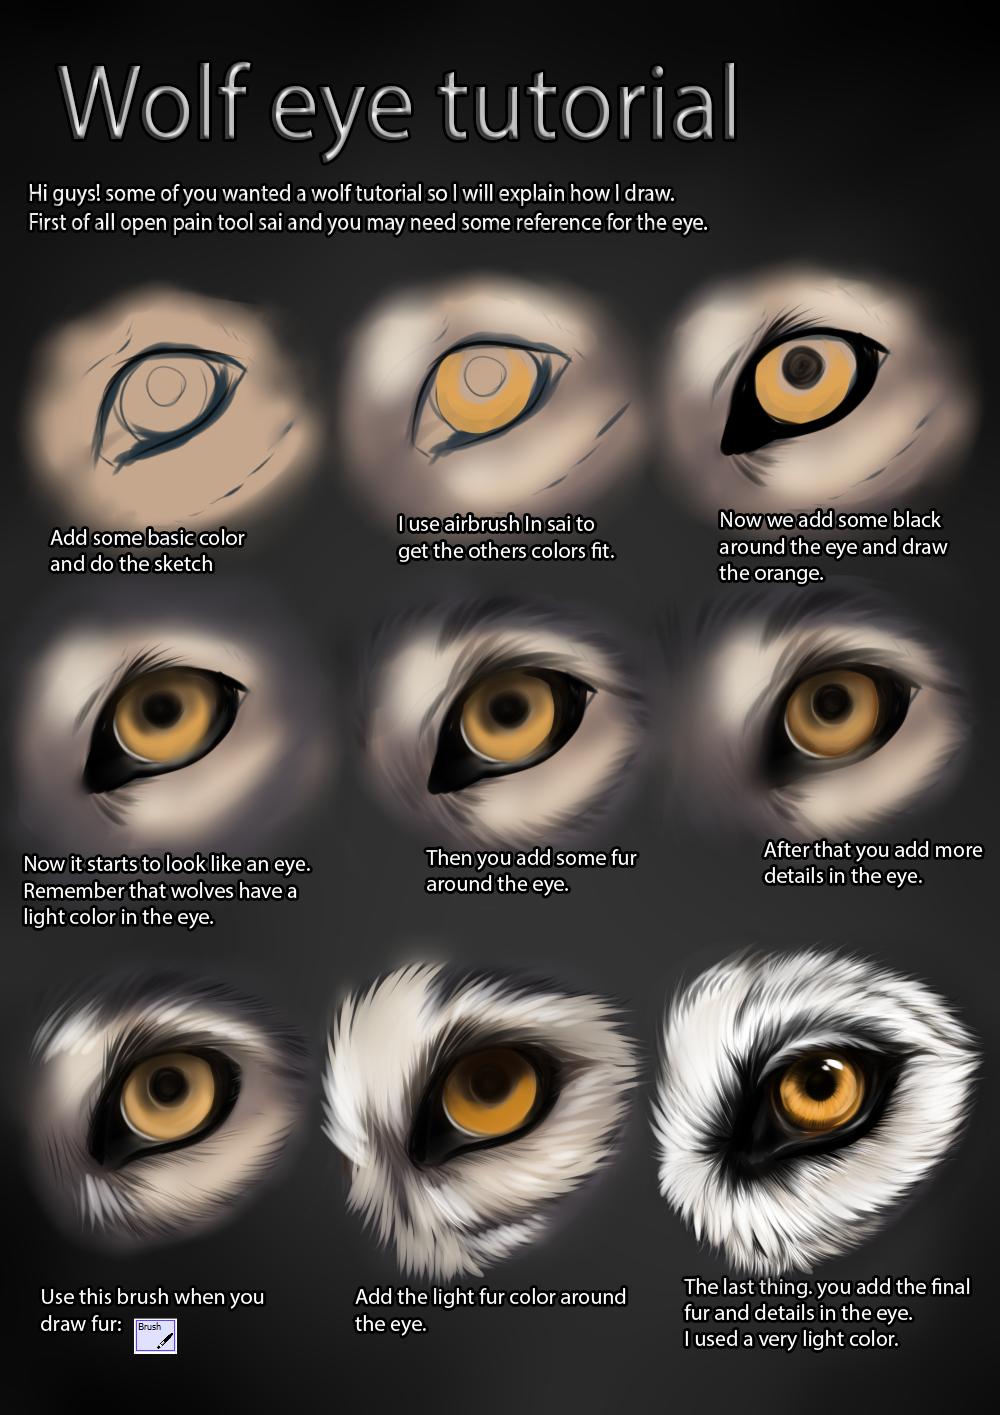 Wolf eye tutorial by TheMysticWolf